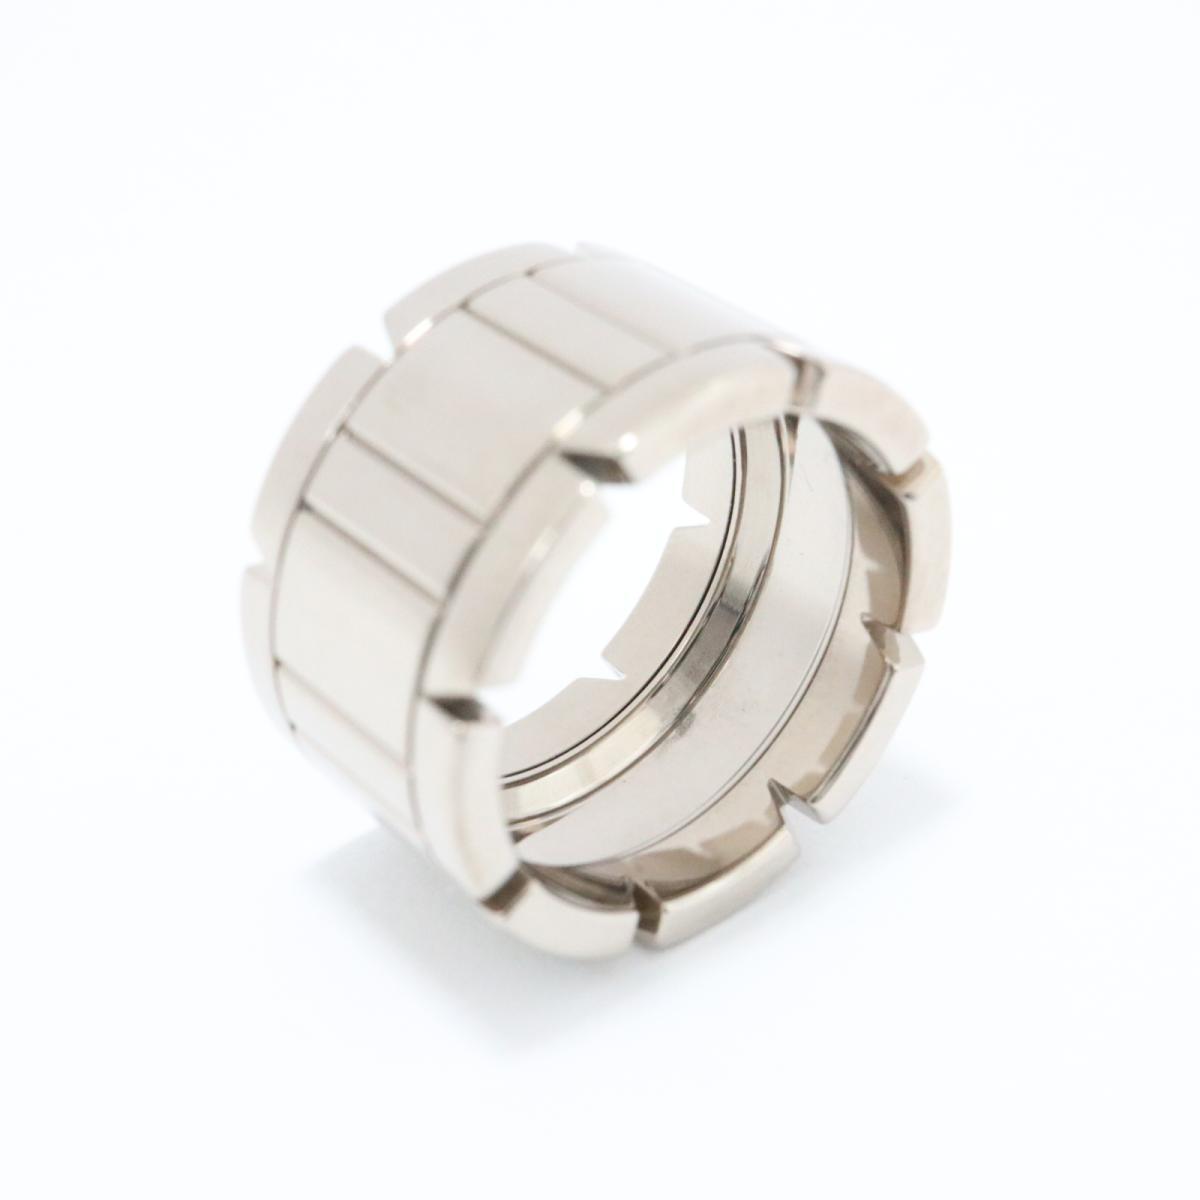 【中古】カルティエ タンクフランセーズLM リング 指輪 メンズ レディース K18WG (750) ホワイトゴールド シルバー | Cartier リング K18 18K 18金 タンクフランセーズLM 美品 ブランドオフ BRANDOFF